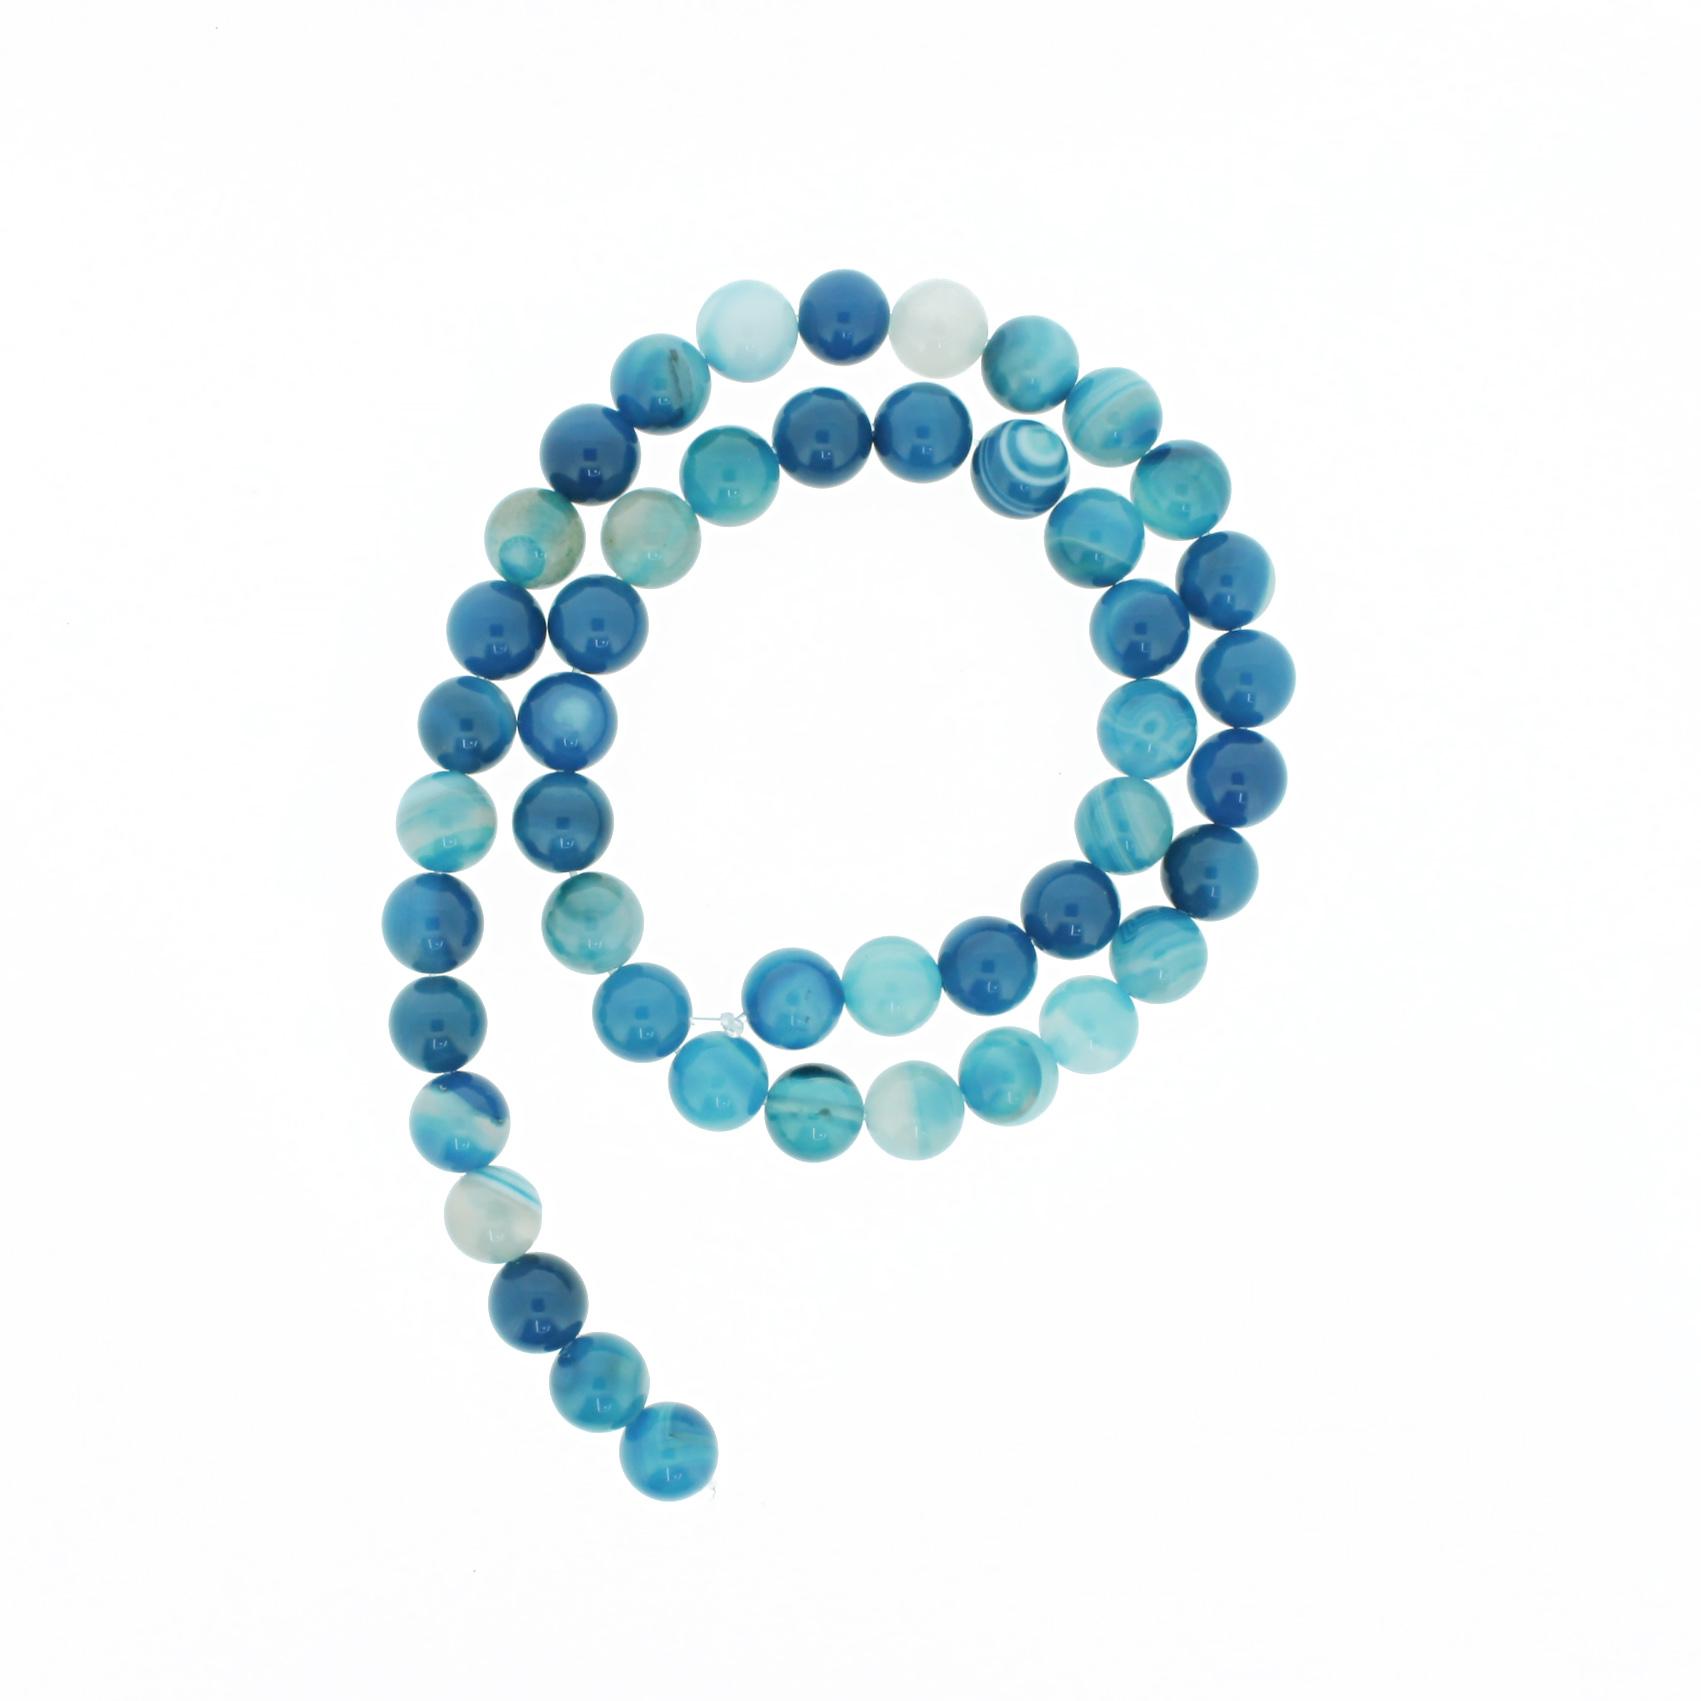 Fio de Pedra - Ágata Azul Claro - 8mm  - Stéphanie Bijoux® - Peças para Bijuterias e Artesanato